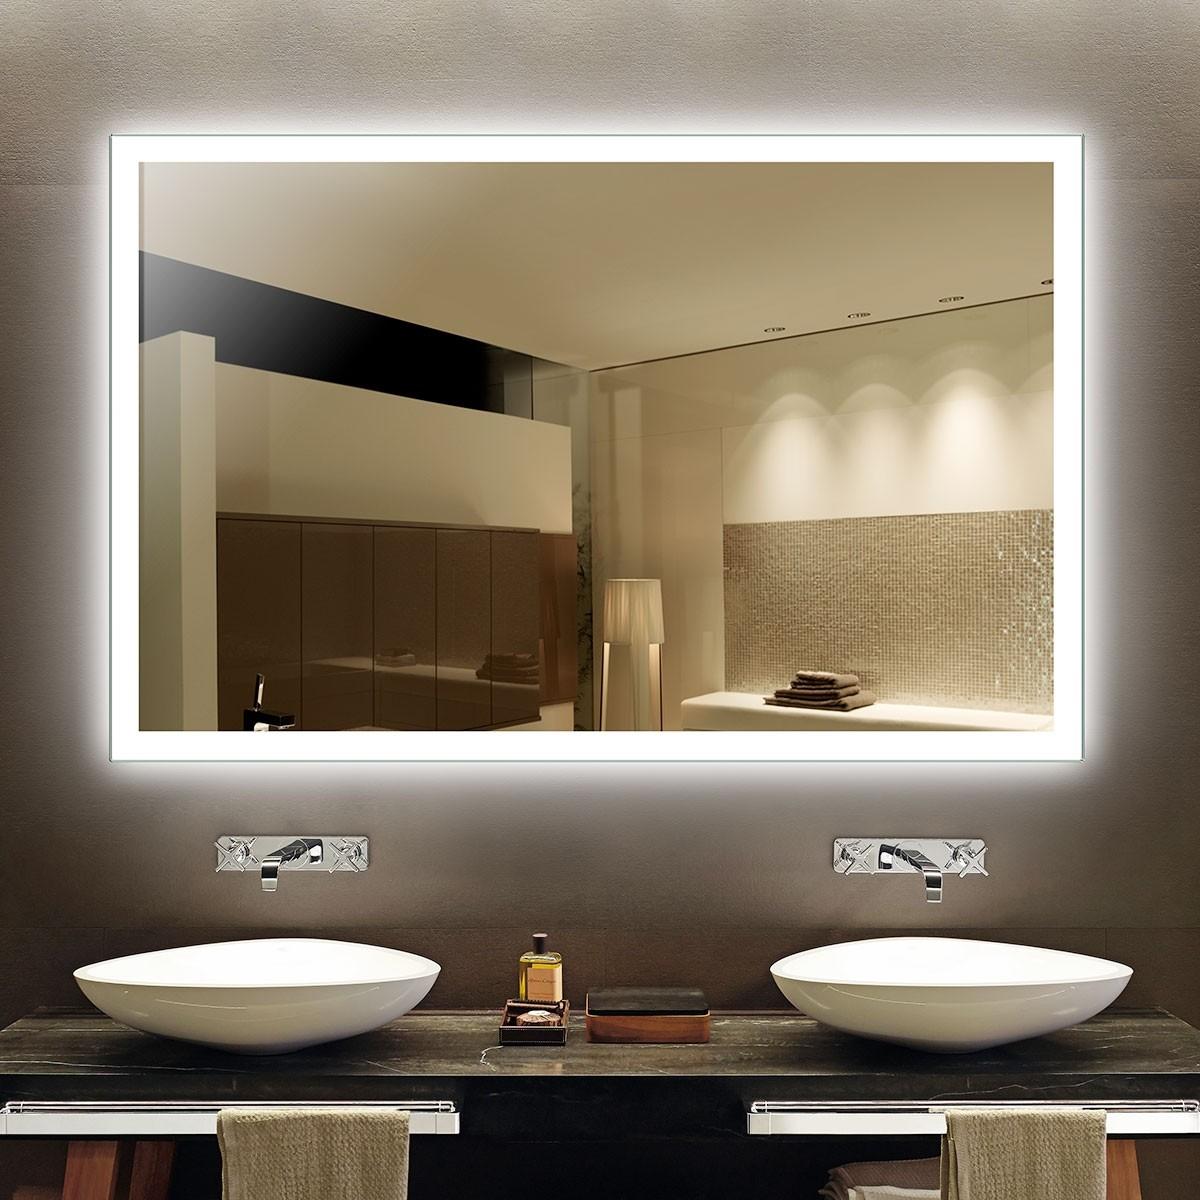 DECORAPORT 55 x 36 Po Miroir de Salle de Bain LED/Miroir Chambre avec Contrôle du Capteur Infrarouge, Anti-Buée, Luminosité Réglable, Montage Vertical & Horizontal (NG05-5536)